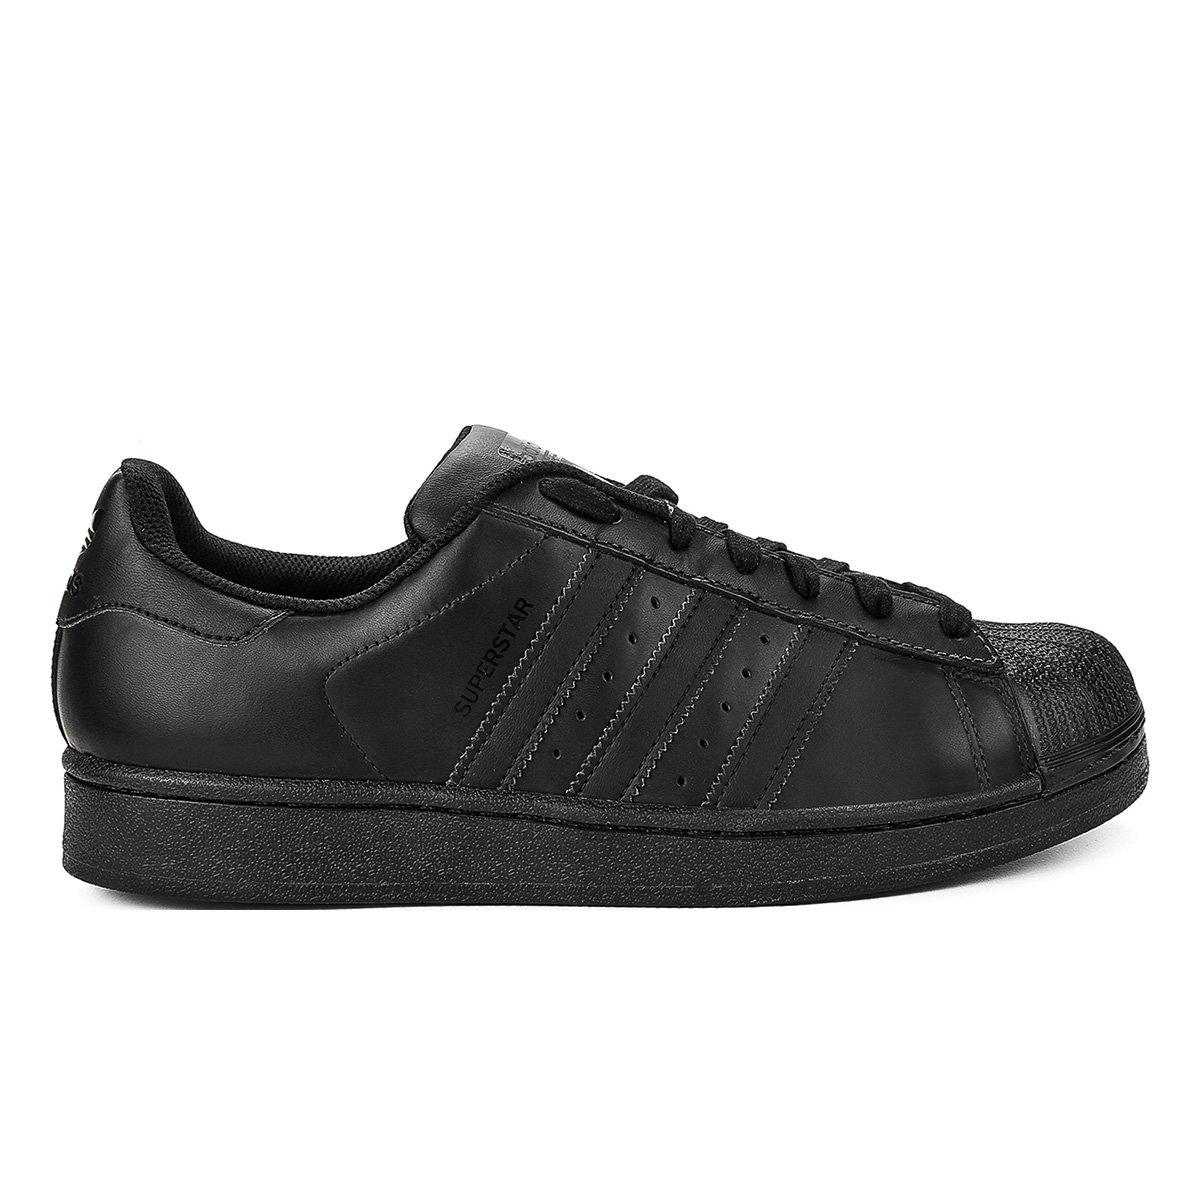 Tênis Adidas Superstar Foundation - Compre Agora  66afff39be6b7